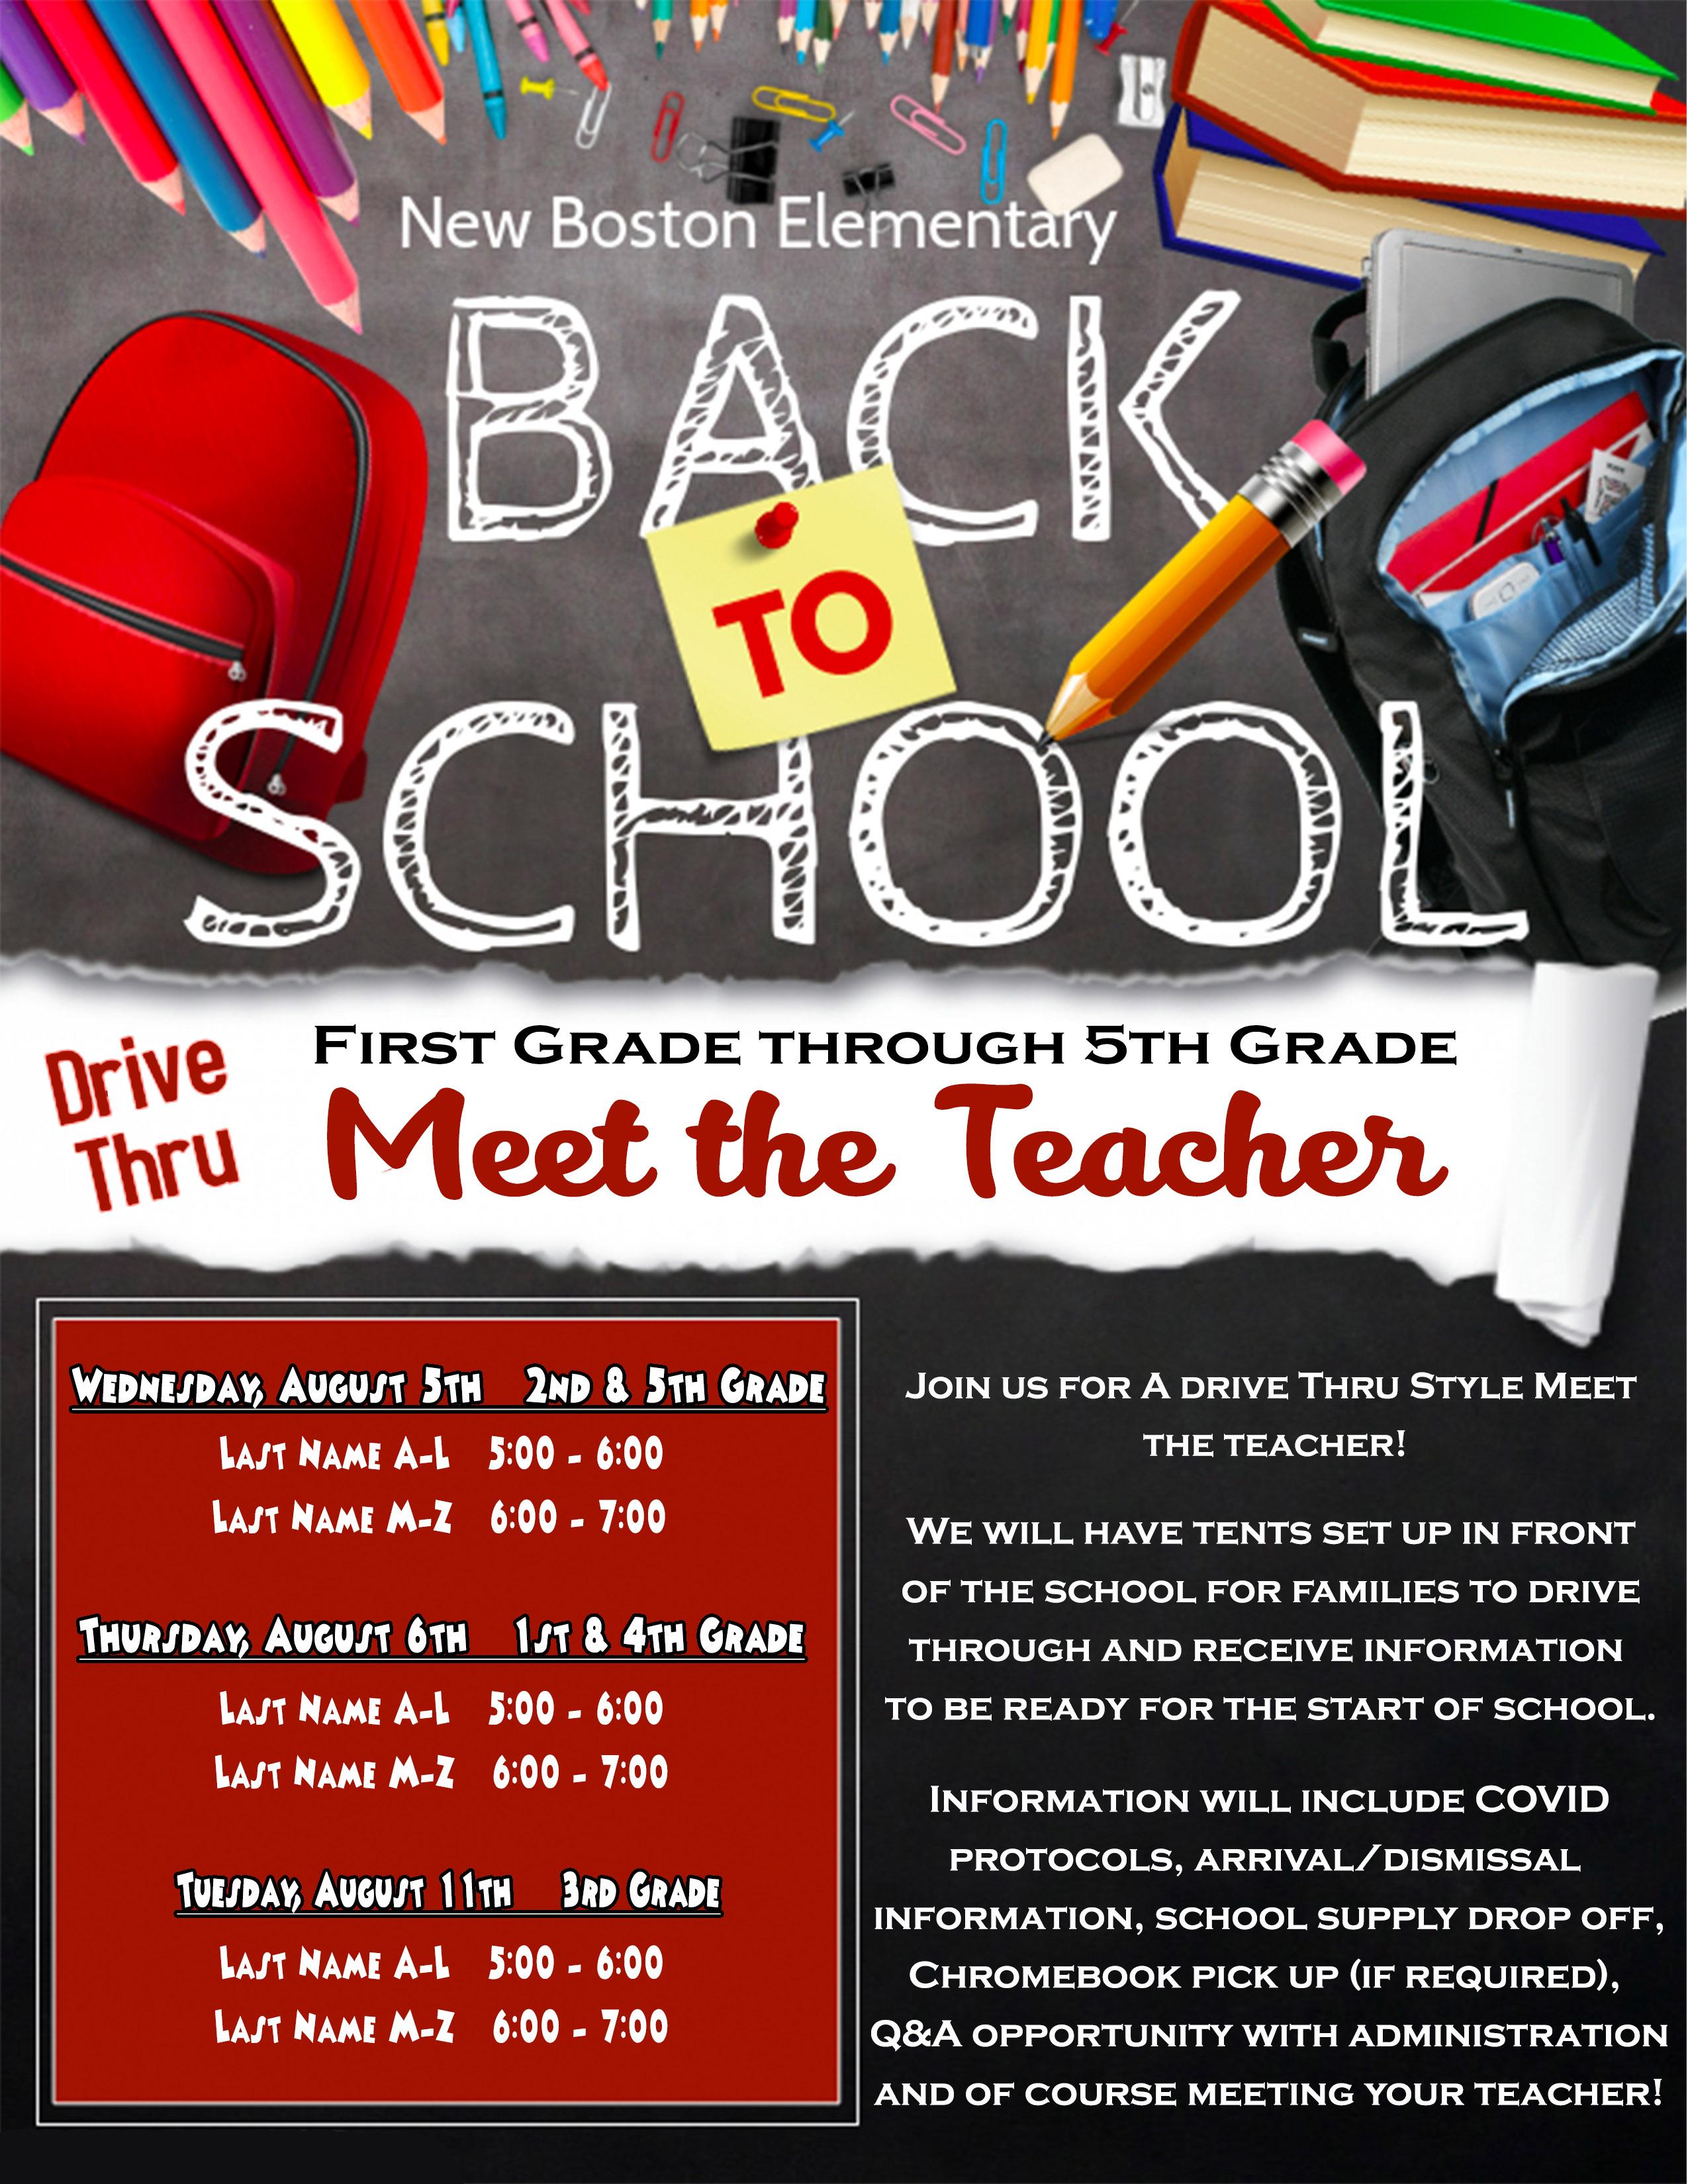 3rd-5th grade meet the teacher